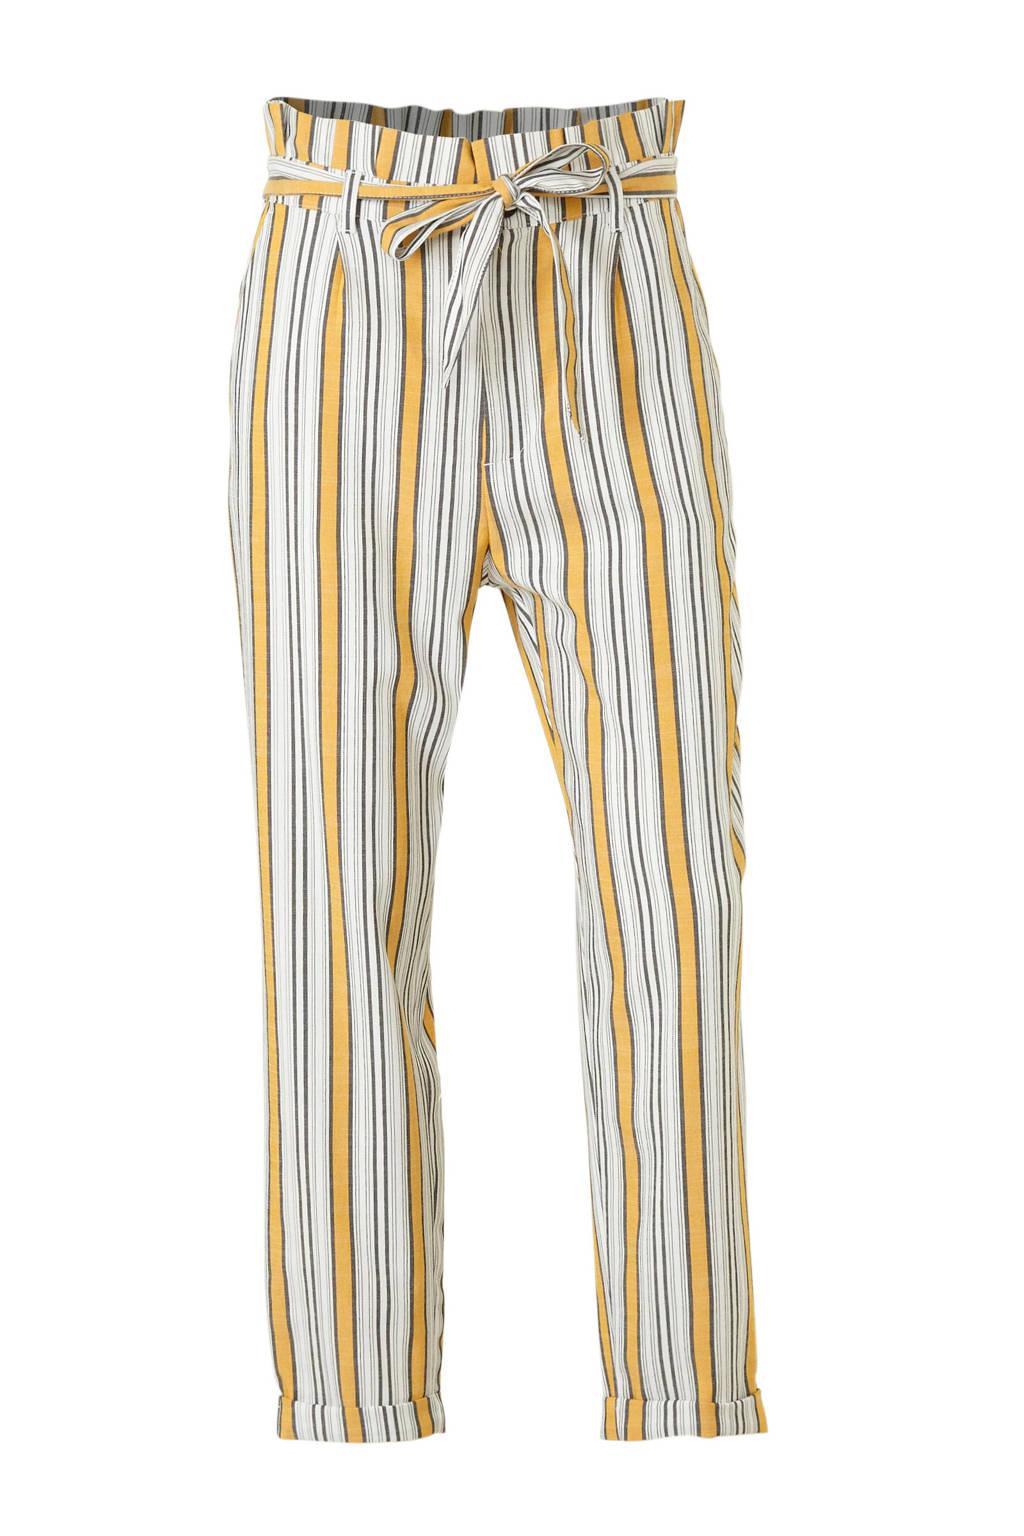 C&A gestreepte tapered fit broek ecru/geel/zwart, Ecru/geel/zwart